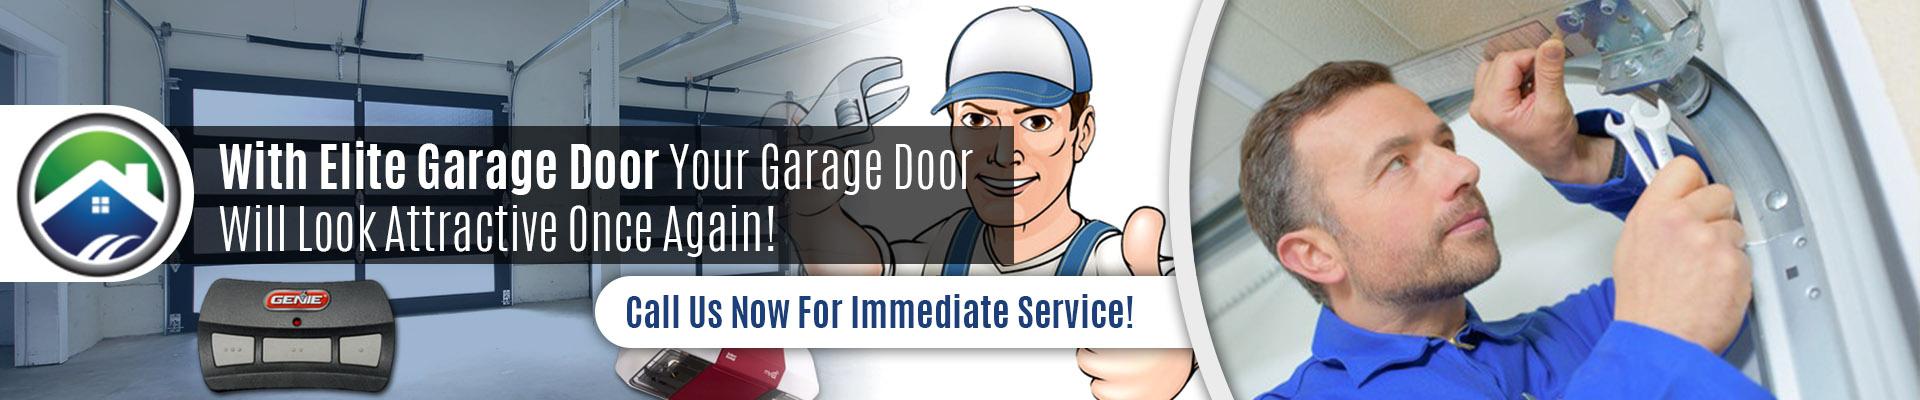 Garage Door Off Track Repair - Elite Tech Services, LLC